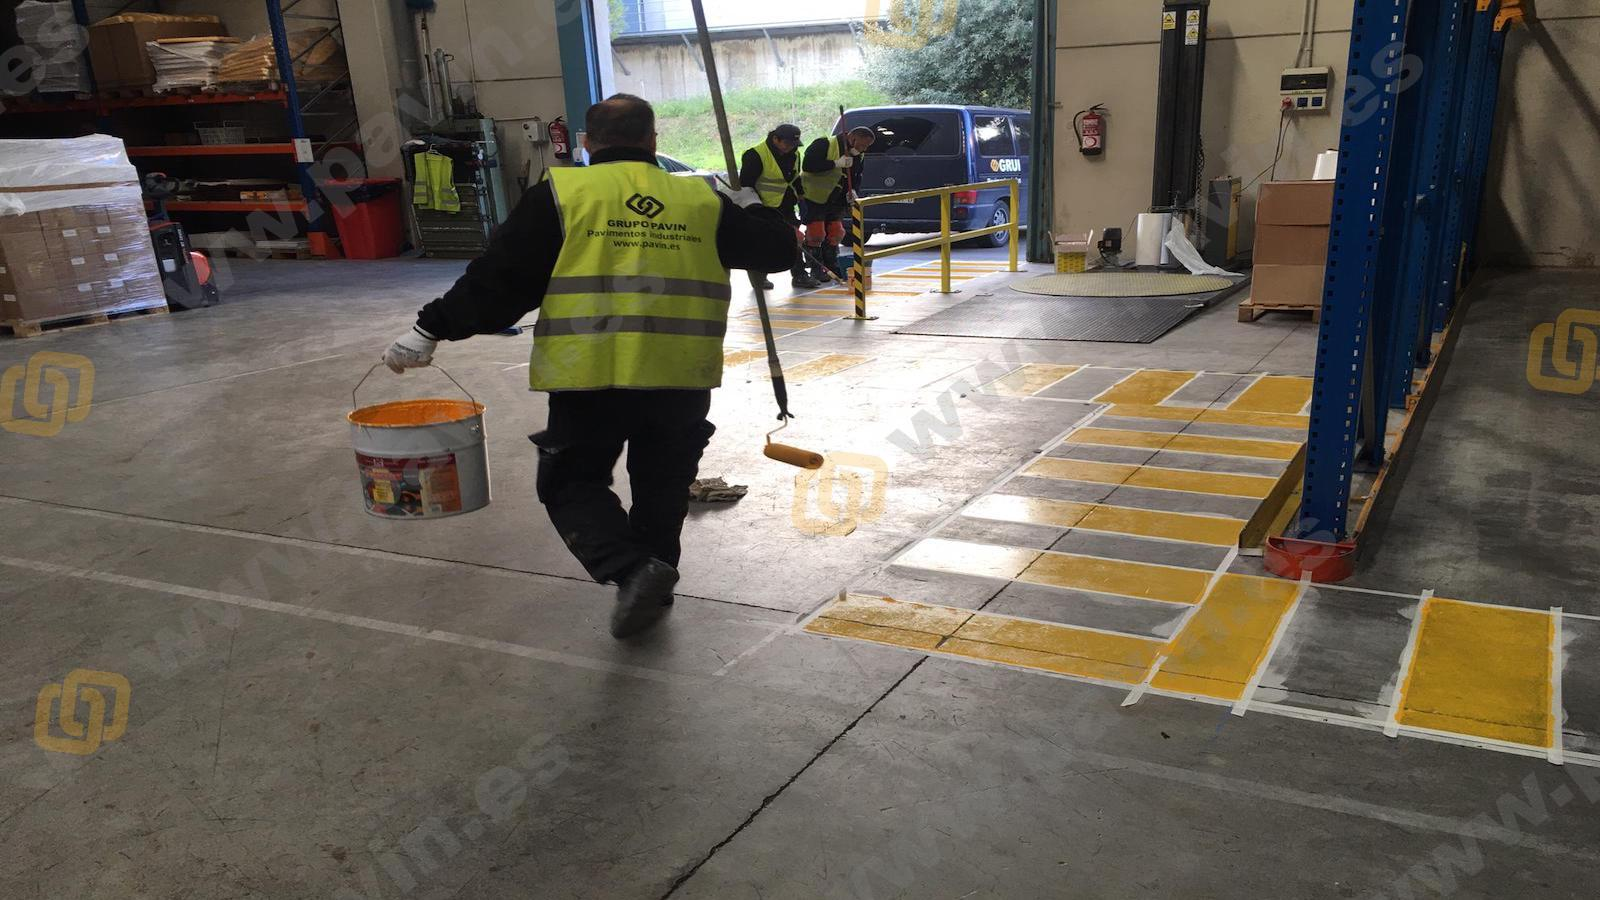 Resin floors for industrial floors in warehouses